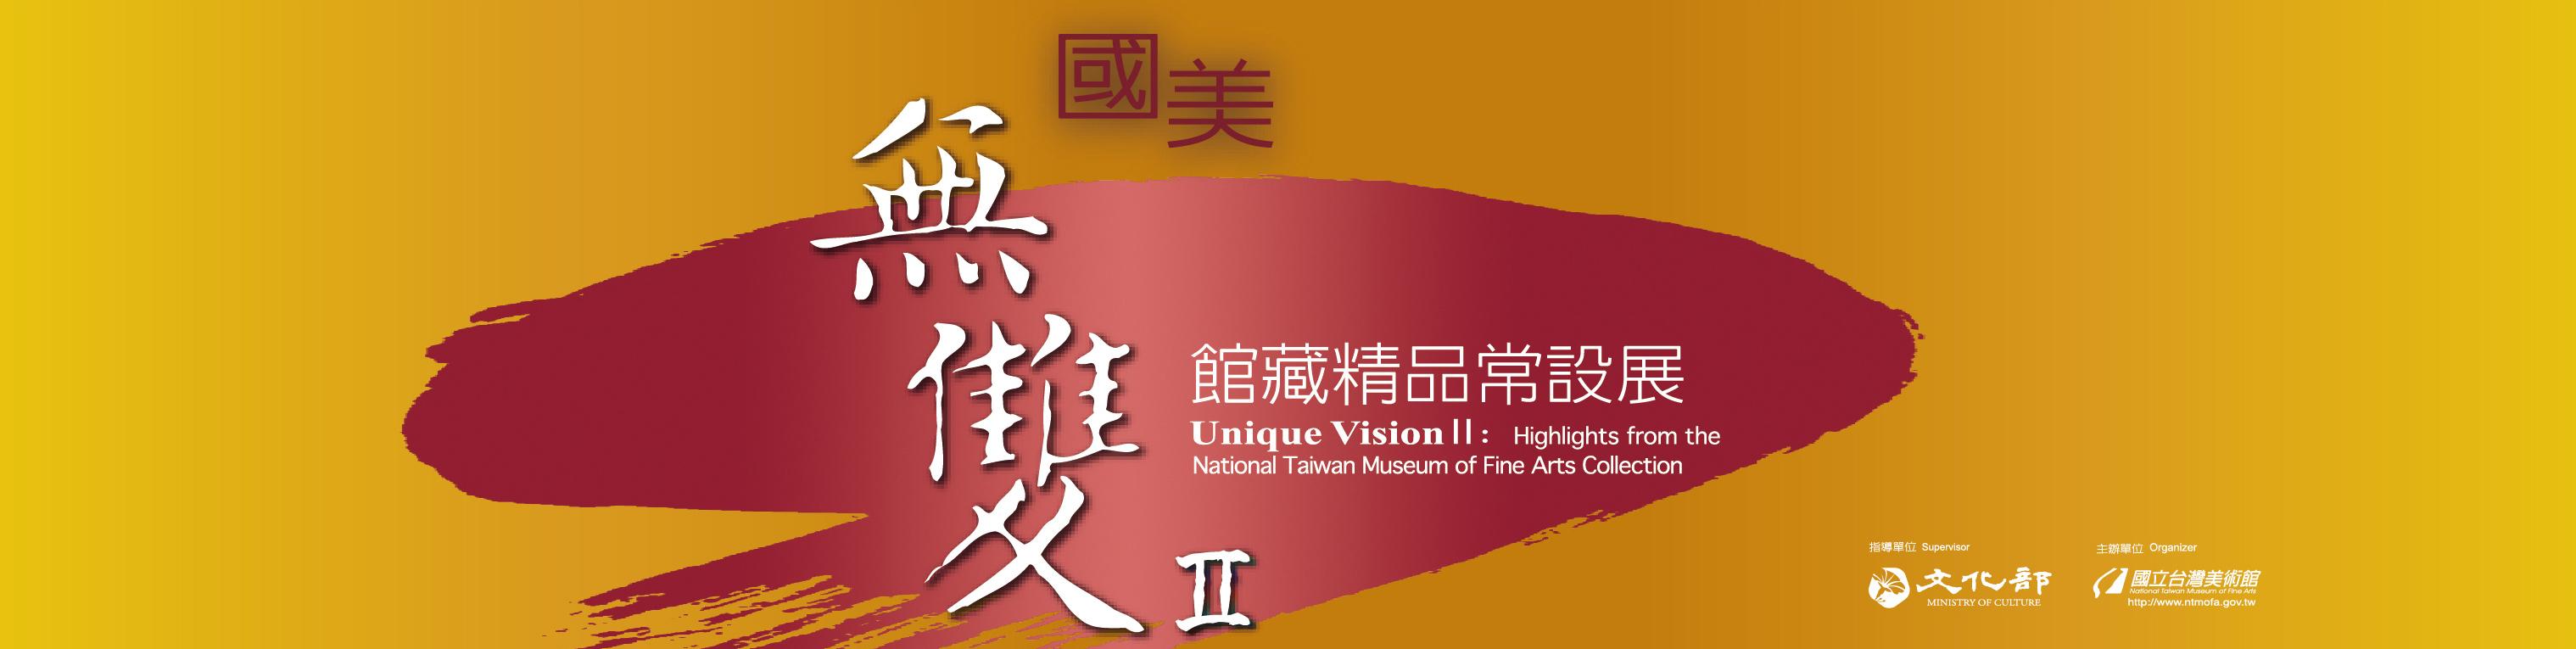 美術館教育與學校社群合作「國美藝研坊計畫」103年上半年度 (第一階段-6/7、6/15場次)